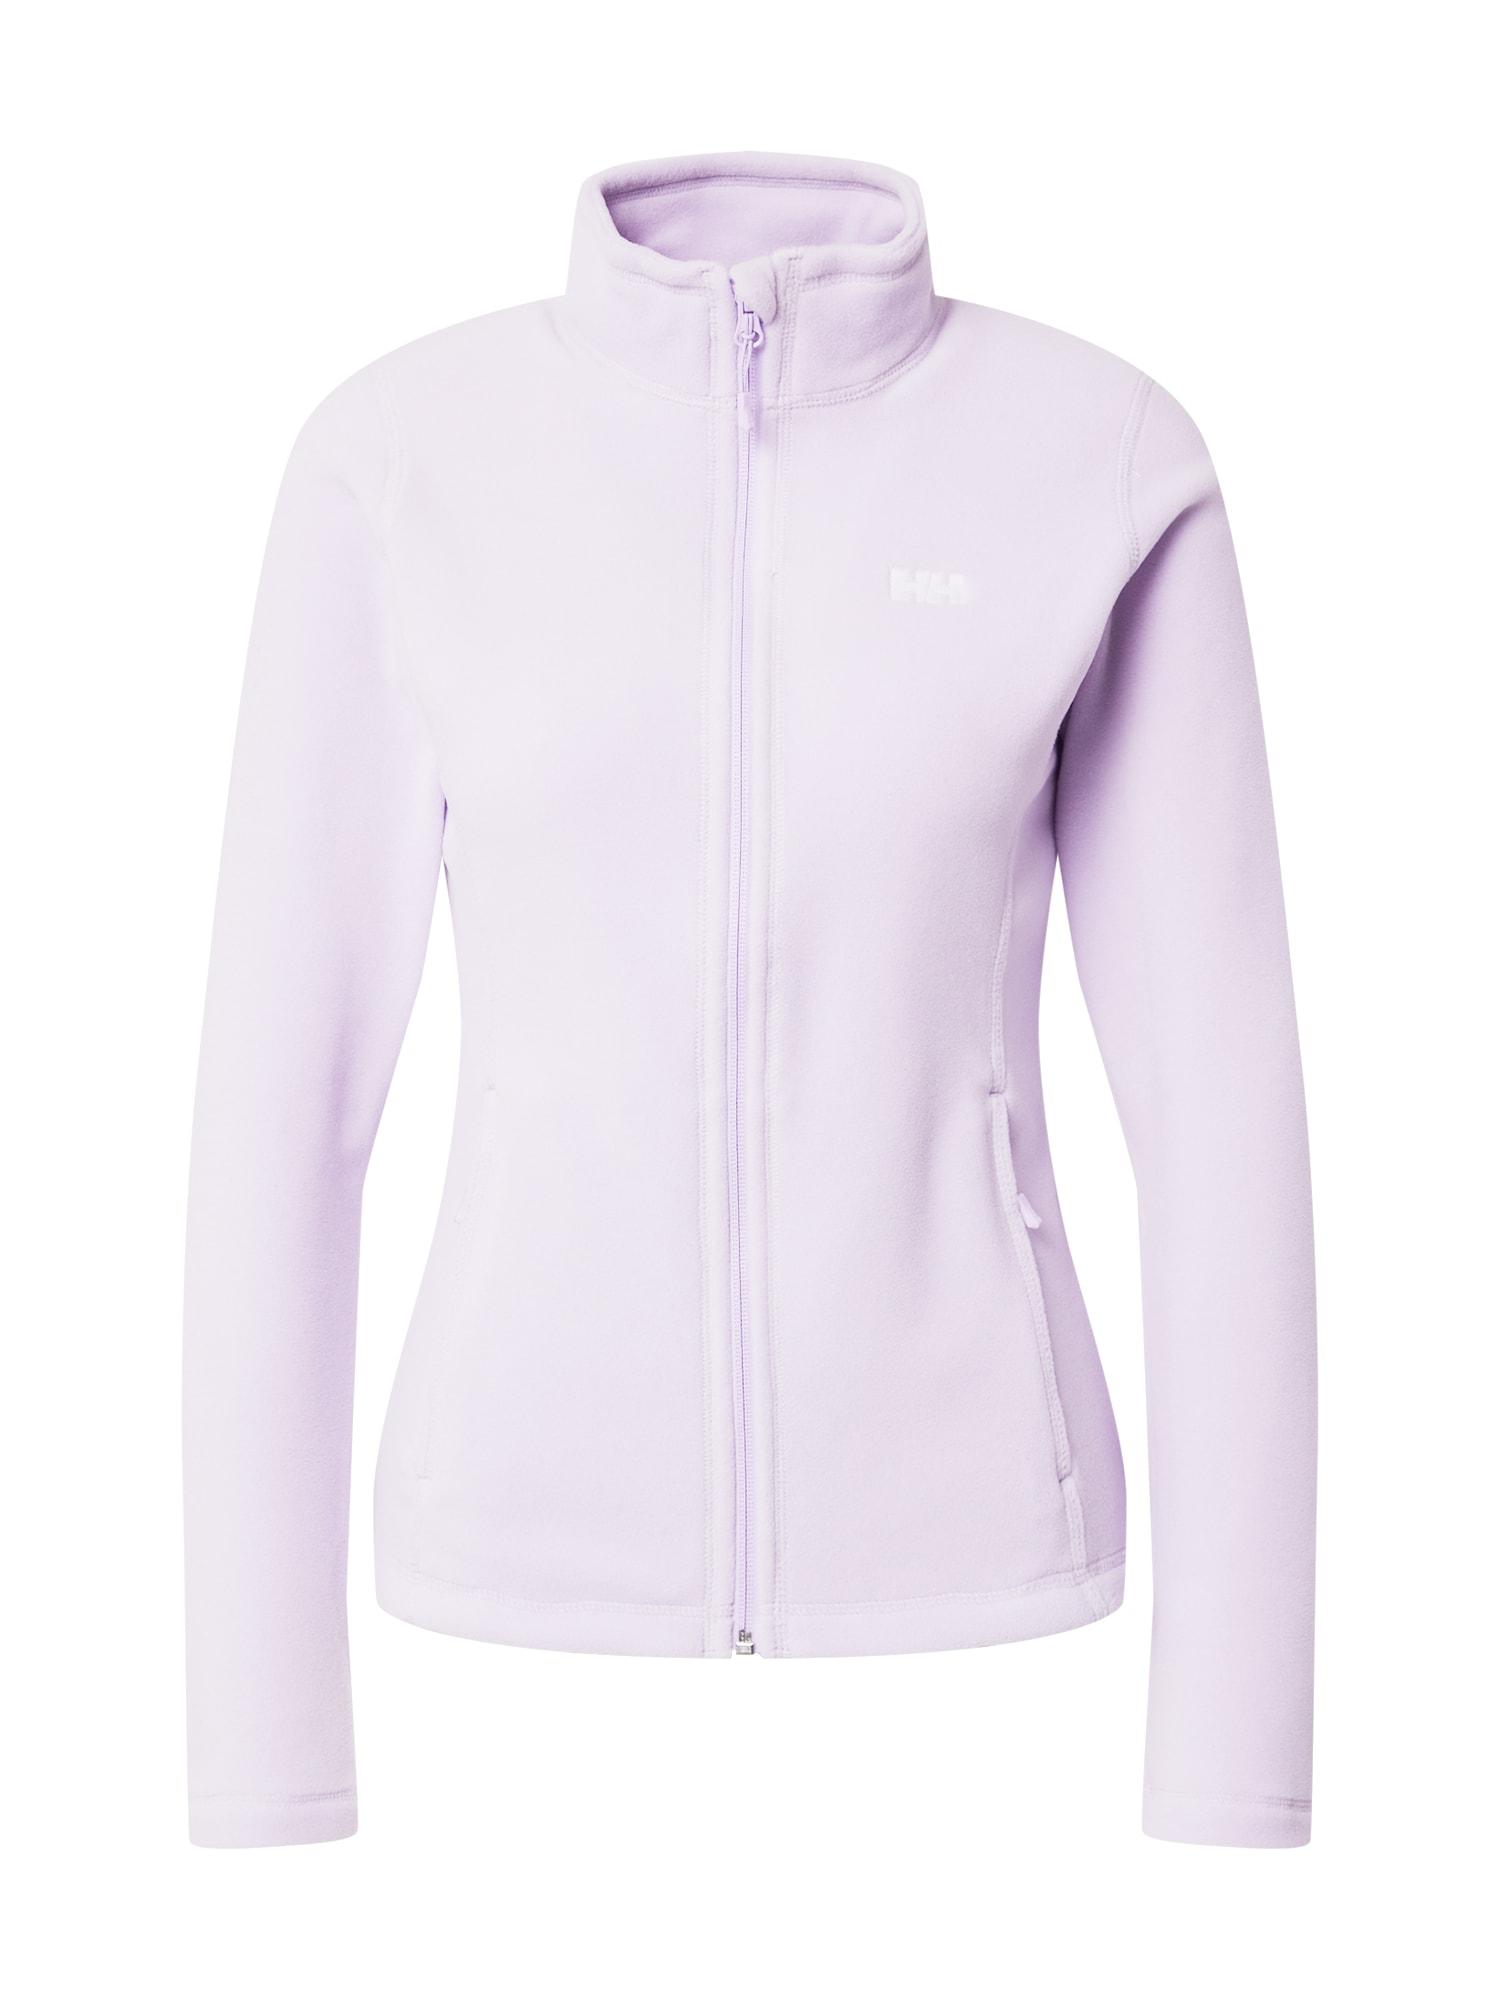 HELLY HANSEN Flisinis džemperis 'DAYBREAKER' šviesiai violetinė